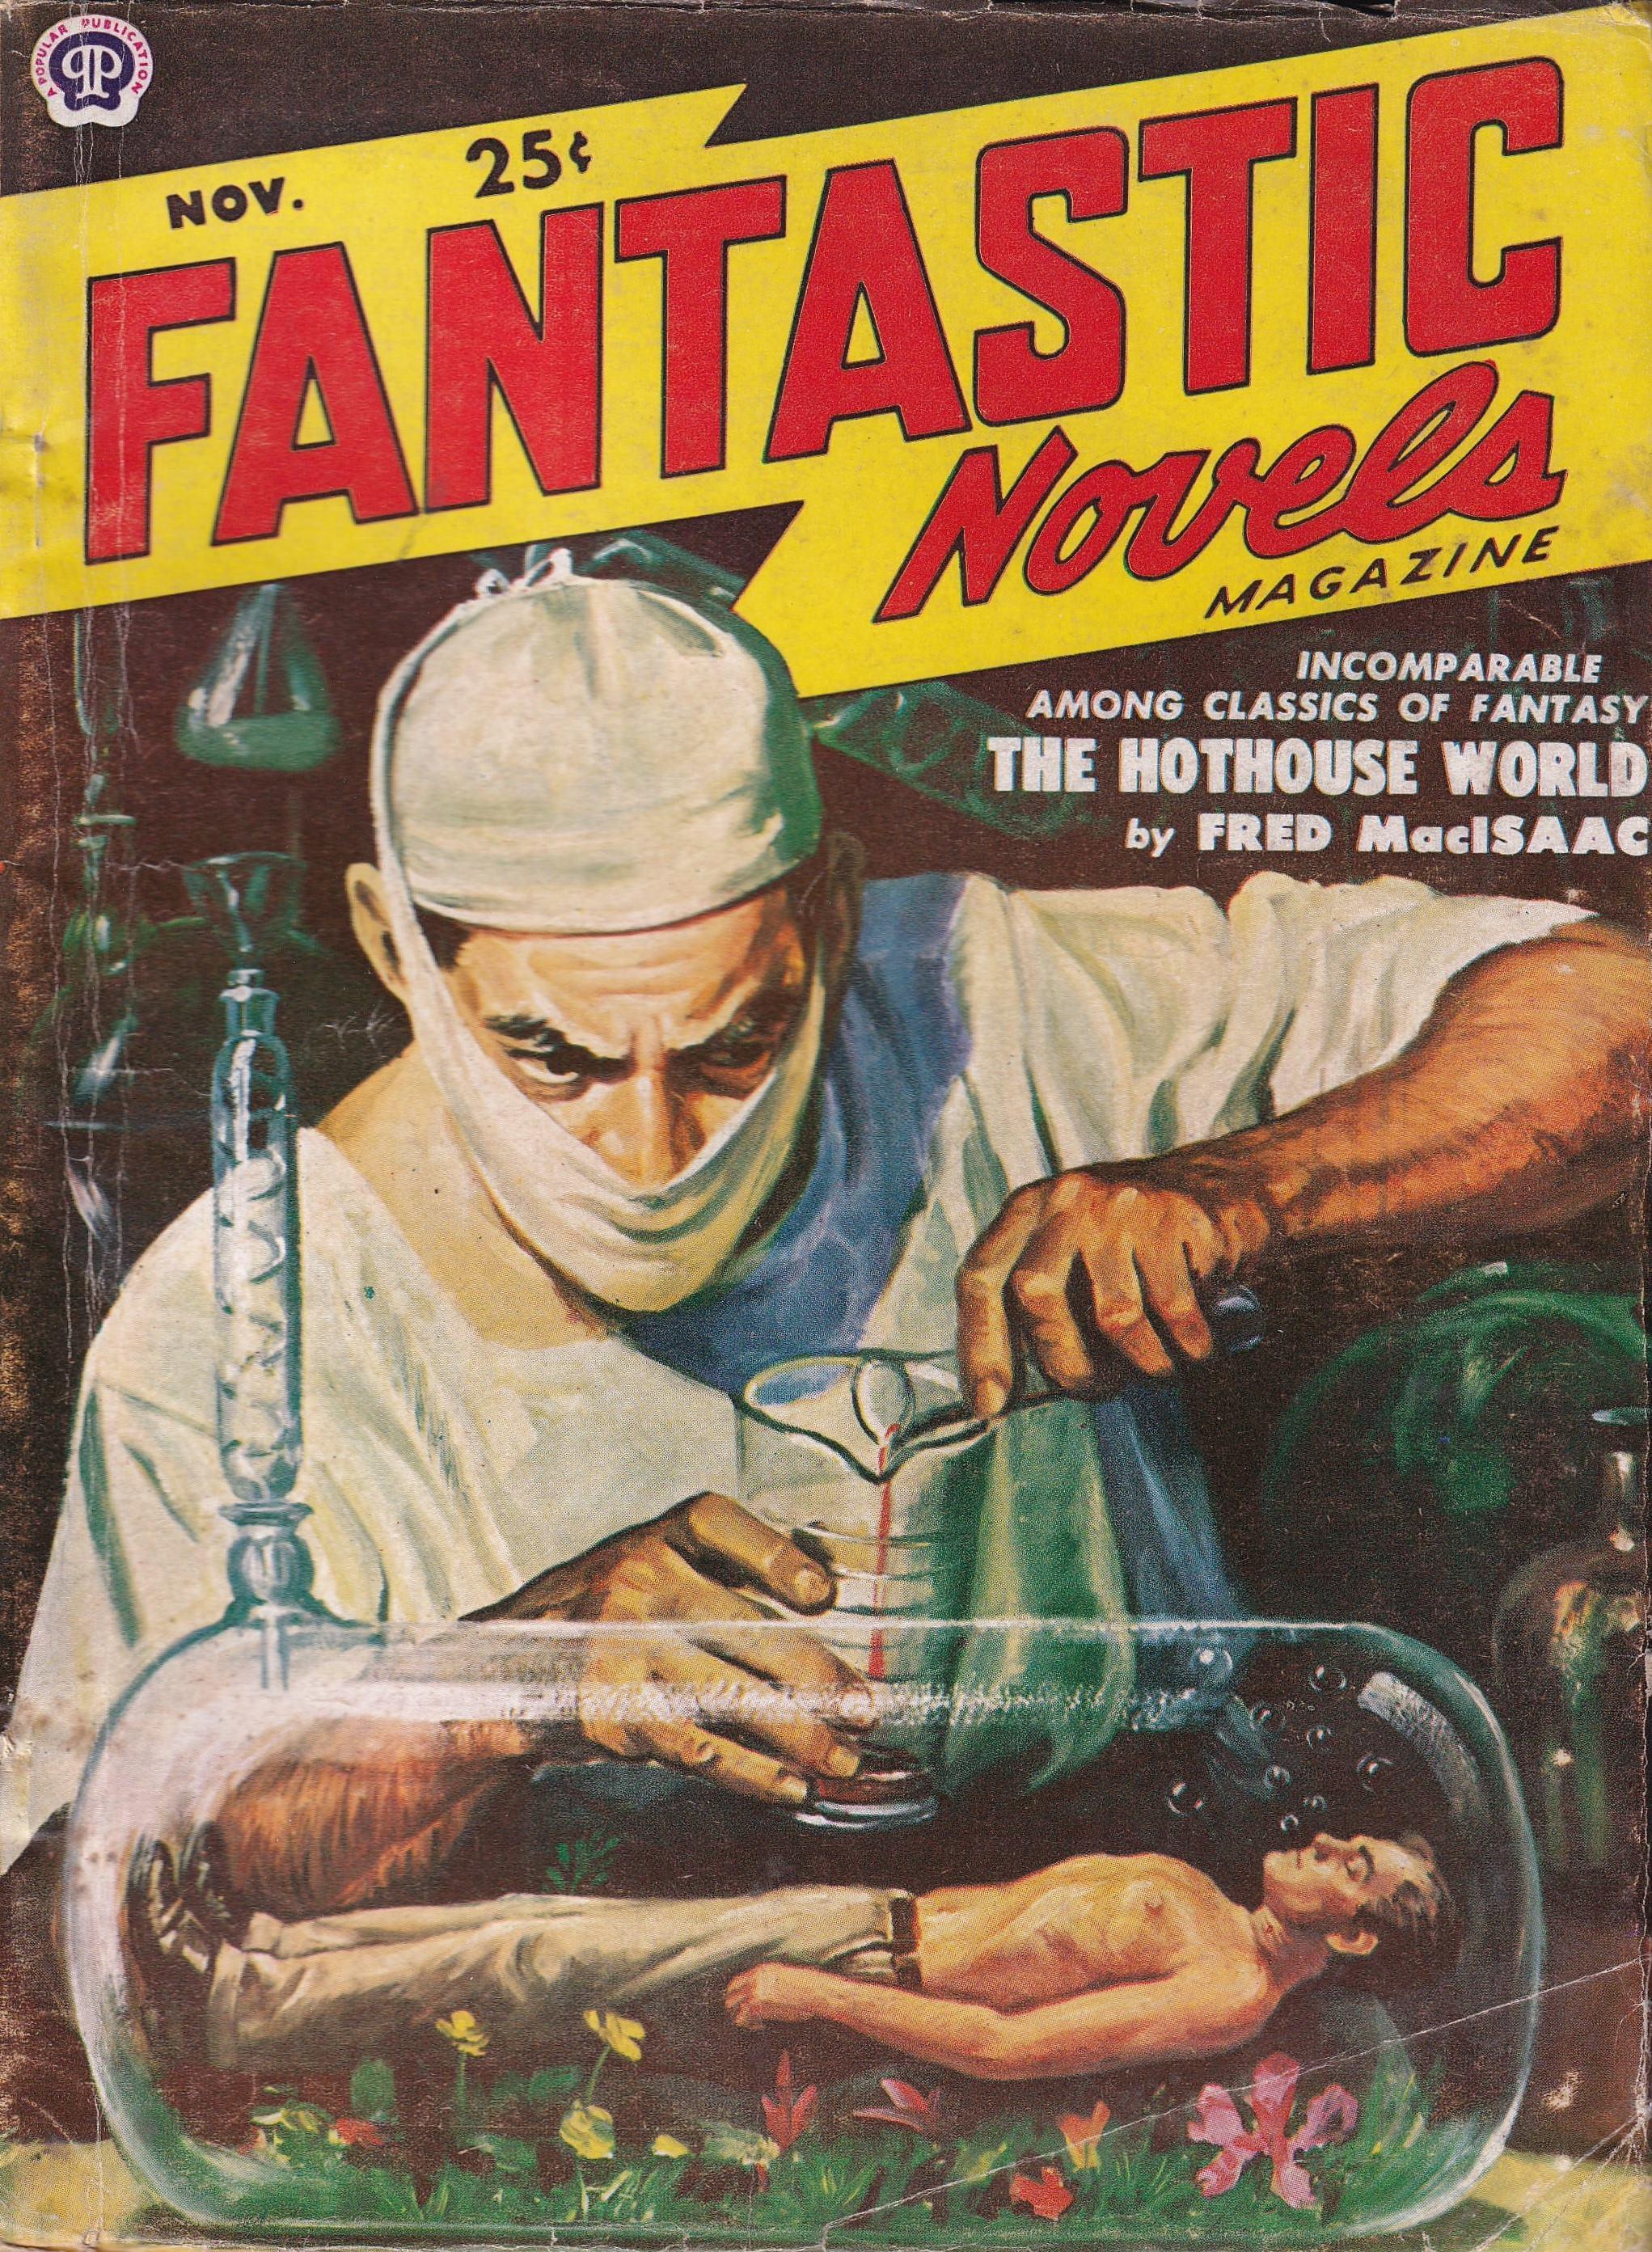 Fantastic Novels Magazine November 1950